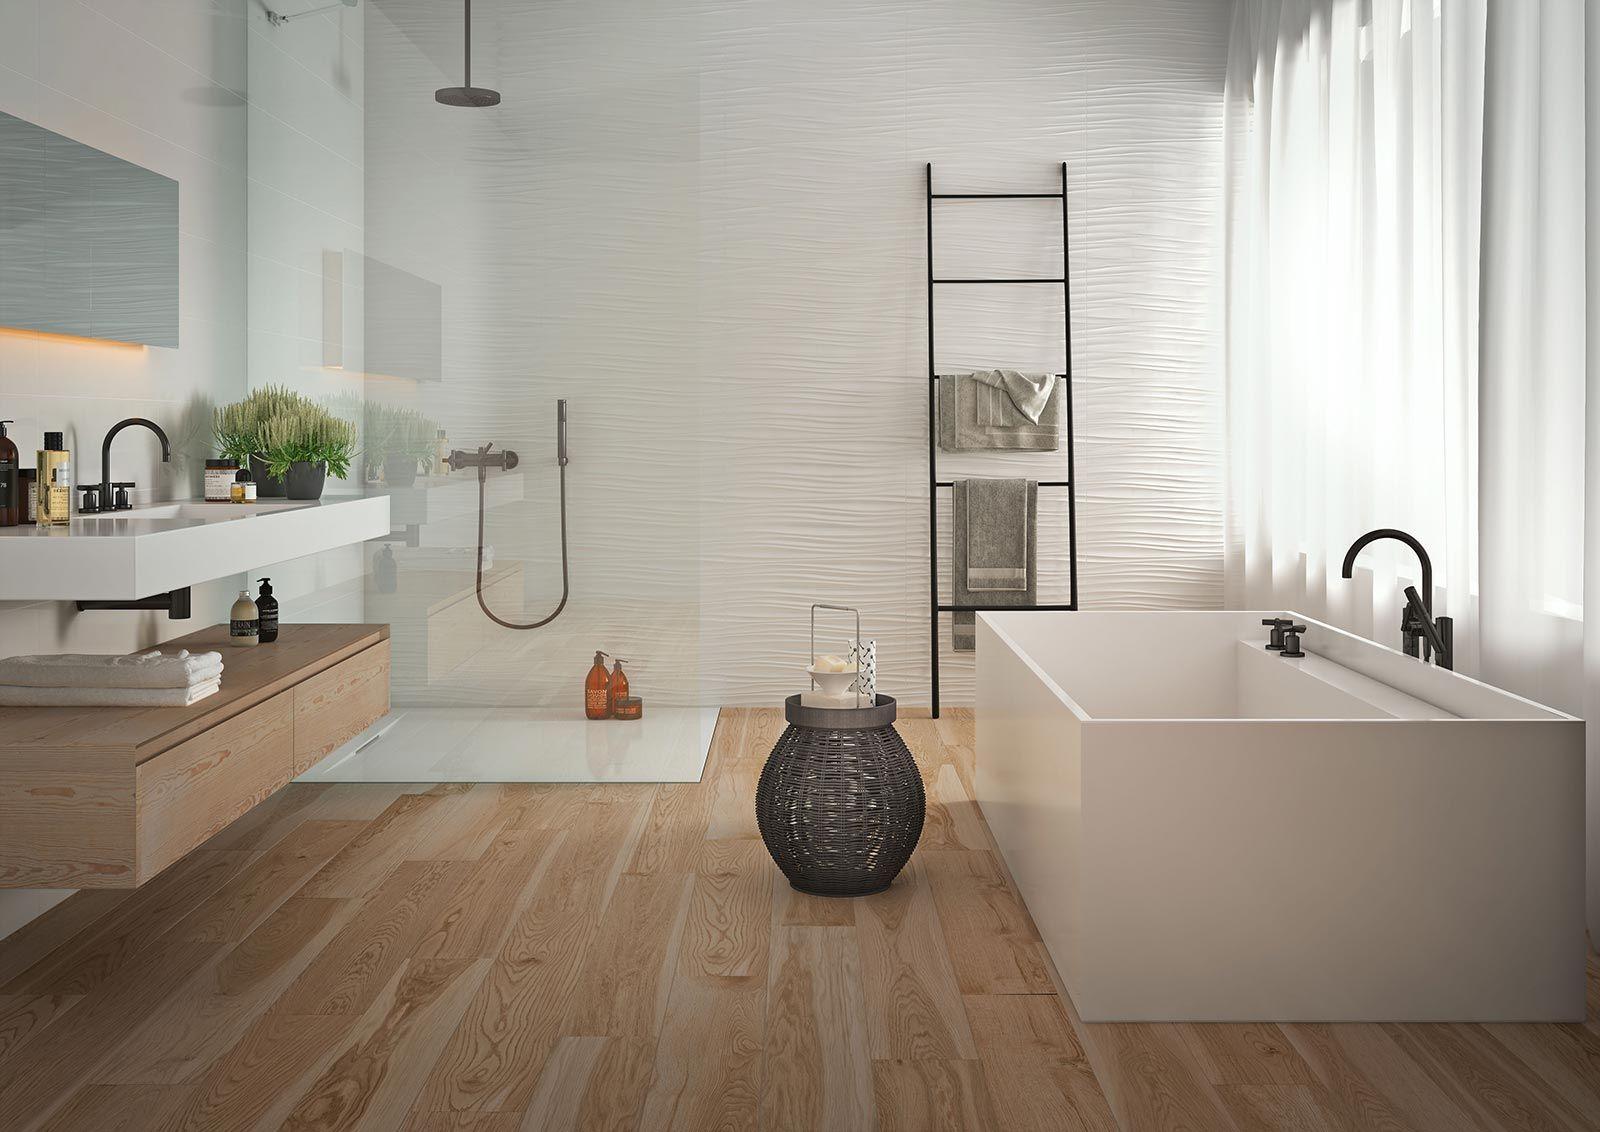 Disegno Bagno Absolute : Absolute white piastrelle in ceramica marazzi bagno